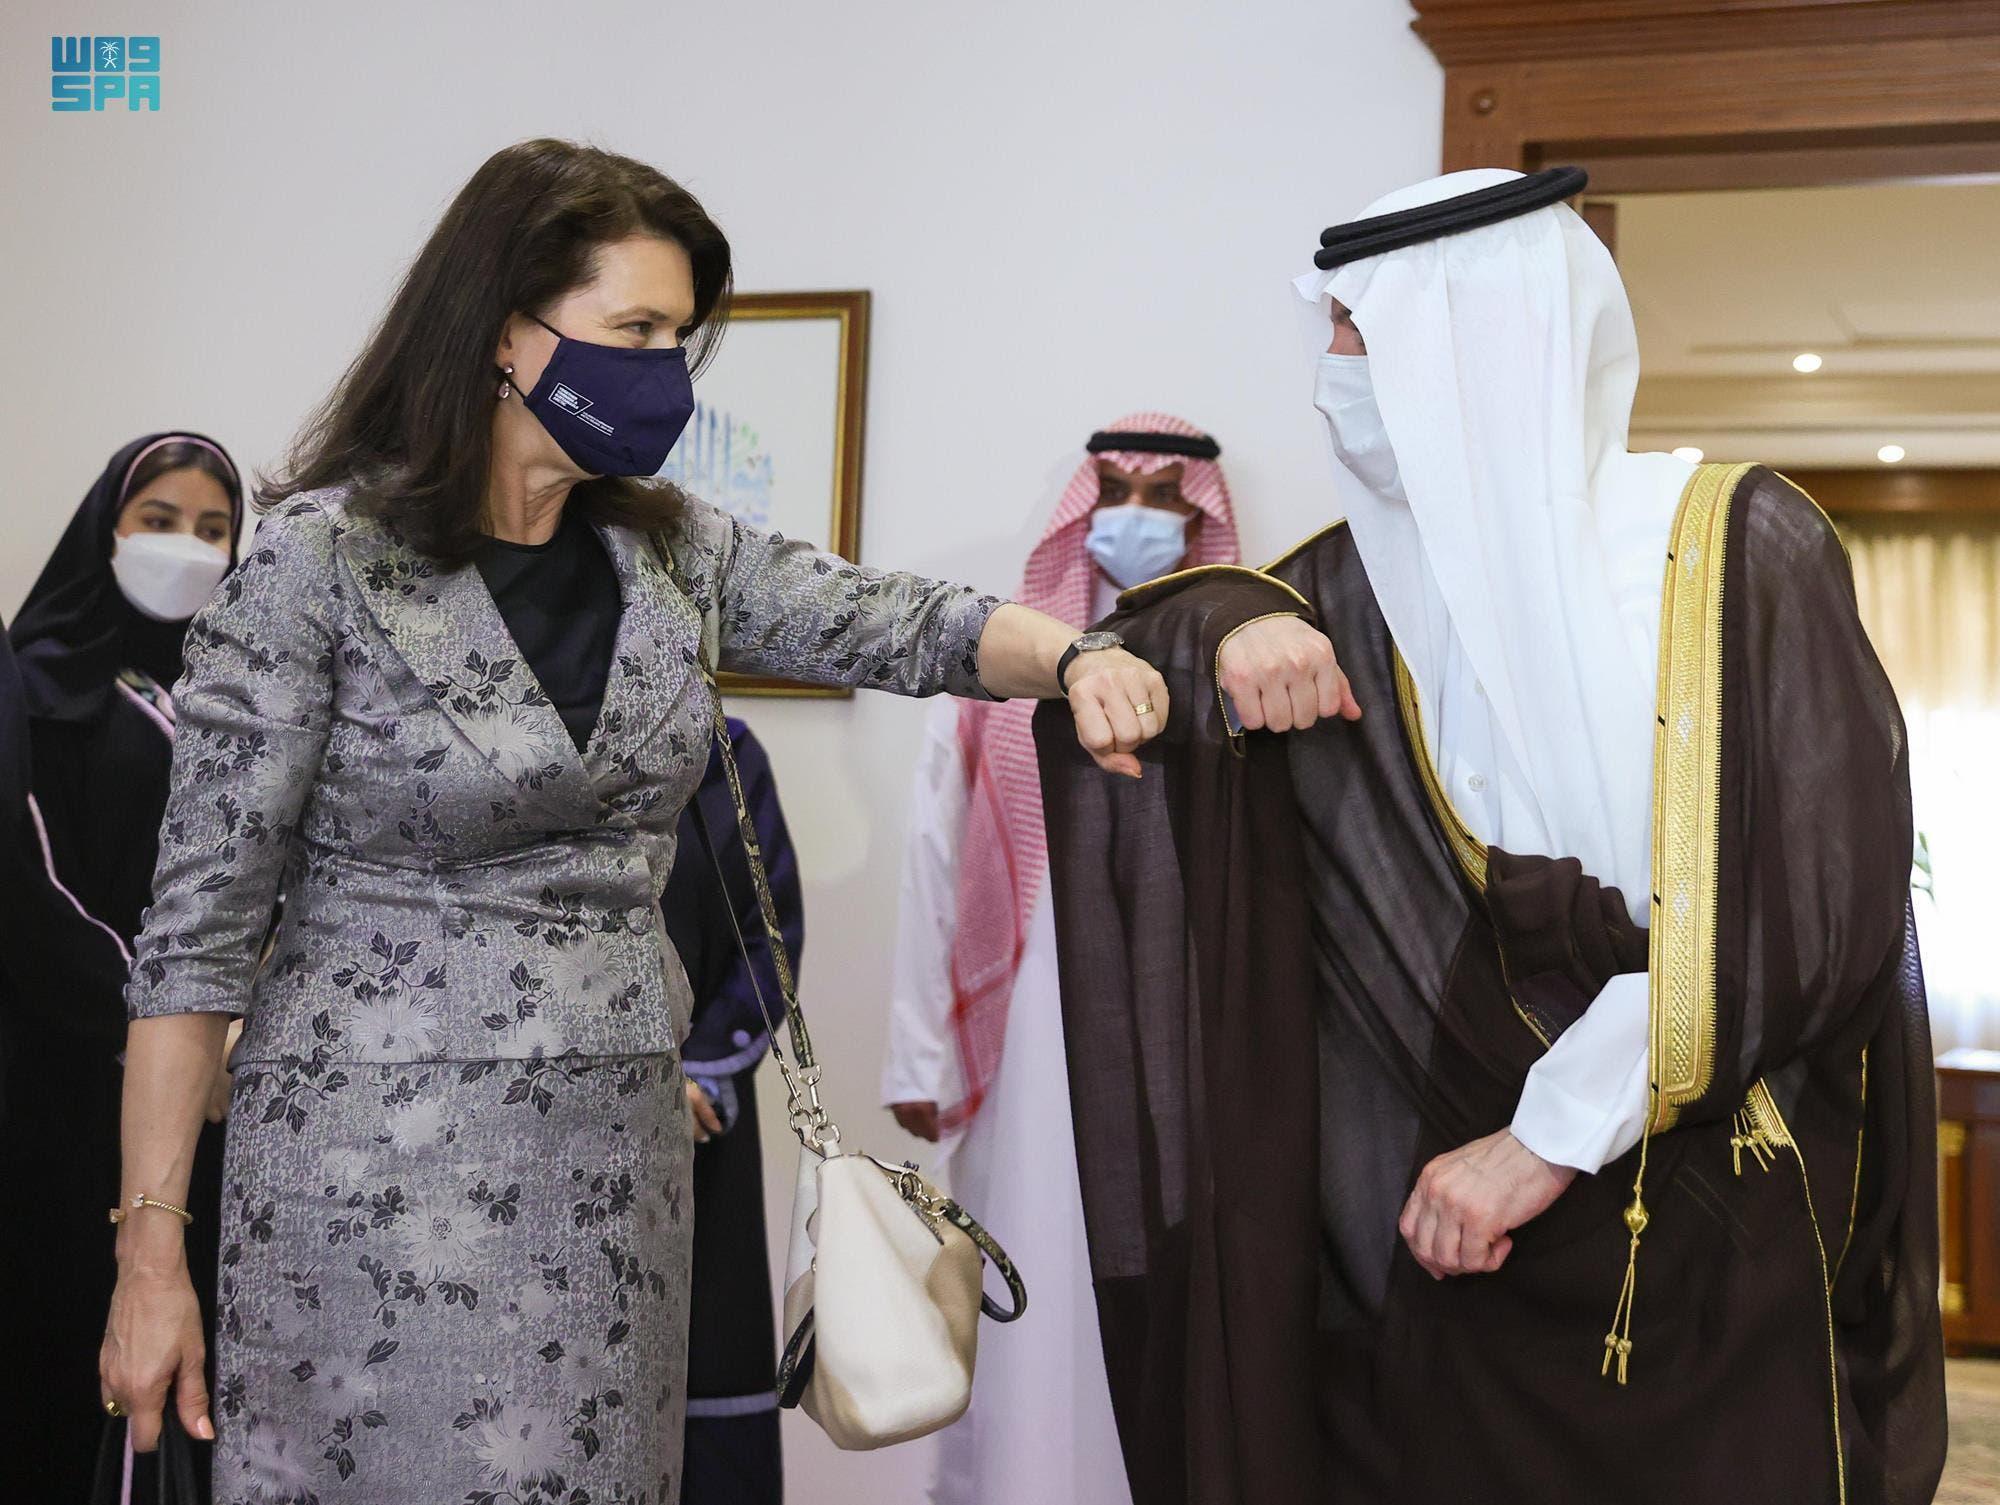 وزير الدولة السعودي للشؤون الخارجية عادل الجبير يستقبل الوزيرة السويدية